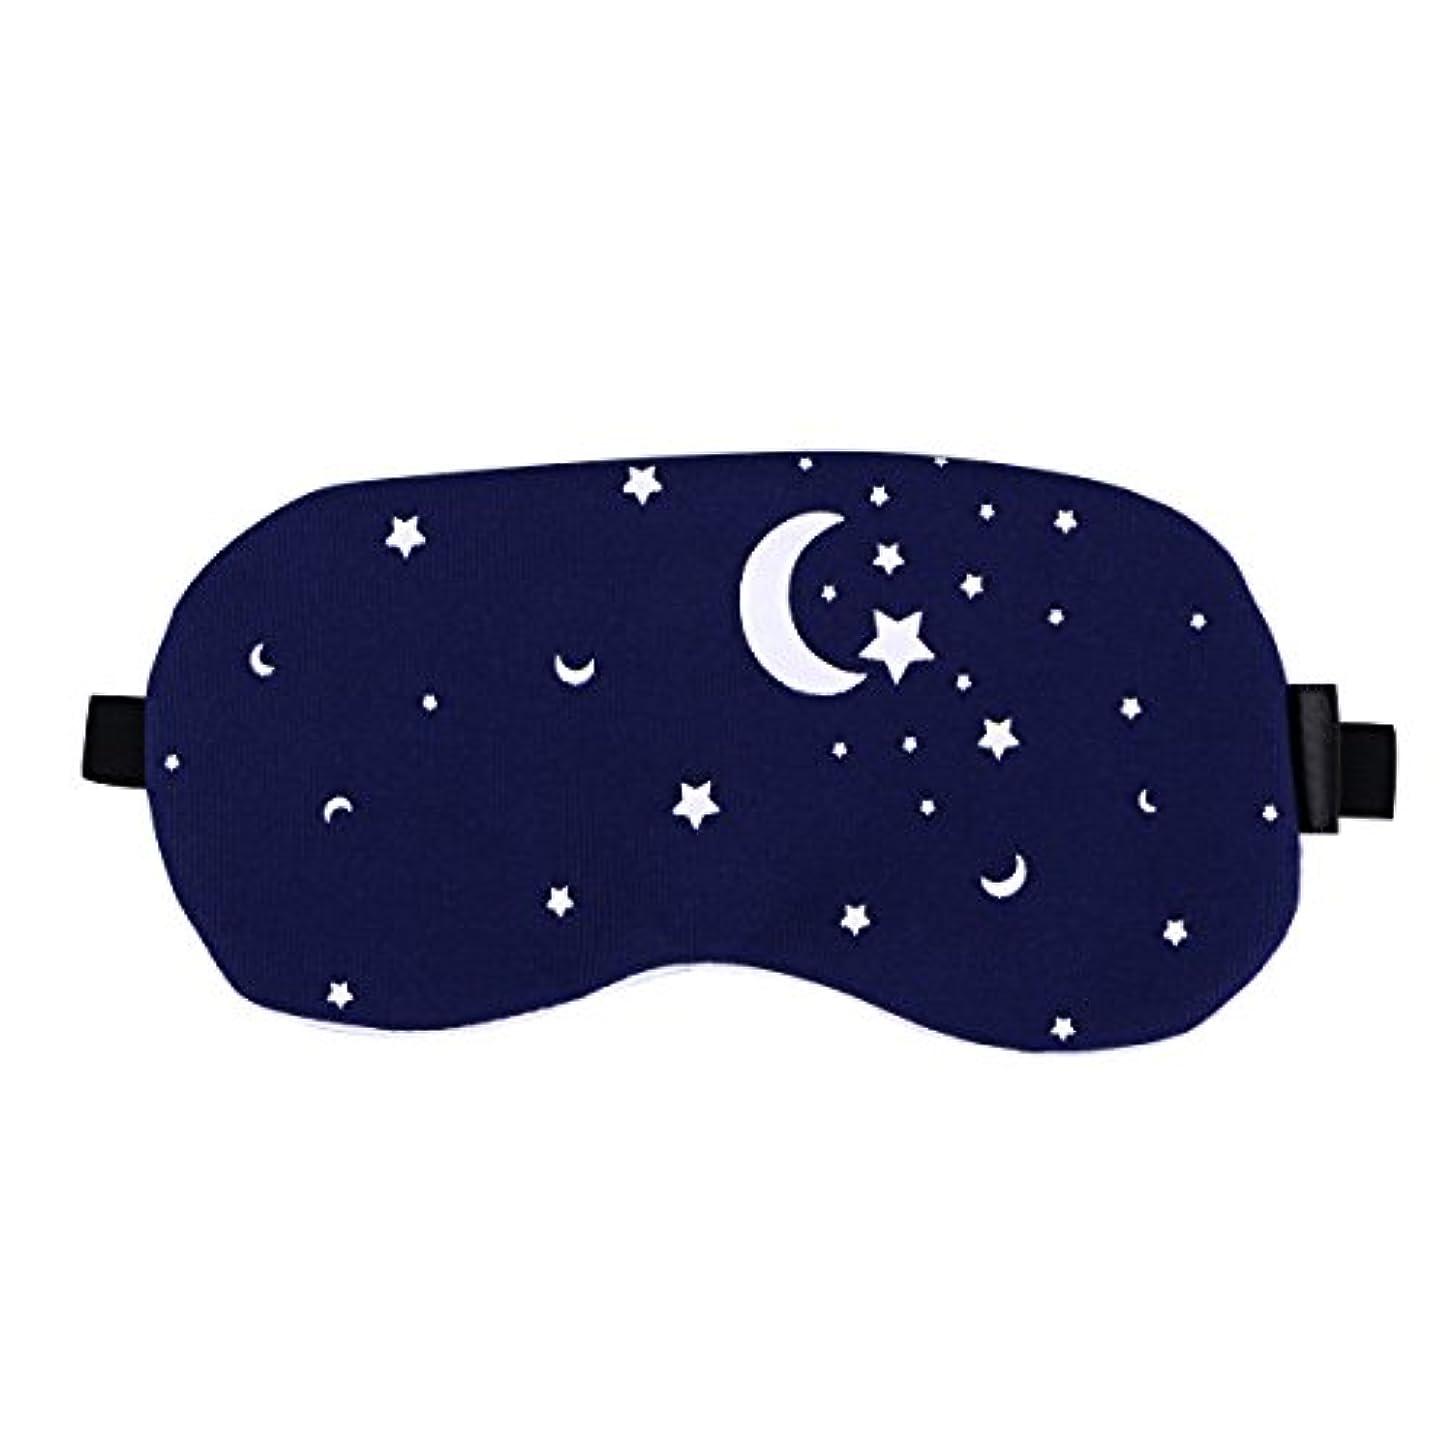 店主チップスローガンSUPVOX コットンスリーピングマスクブラインダーパッチ調節可能なストラップアイシャドーコールド/ホットジェル(星空)